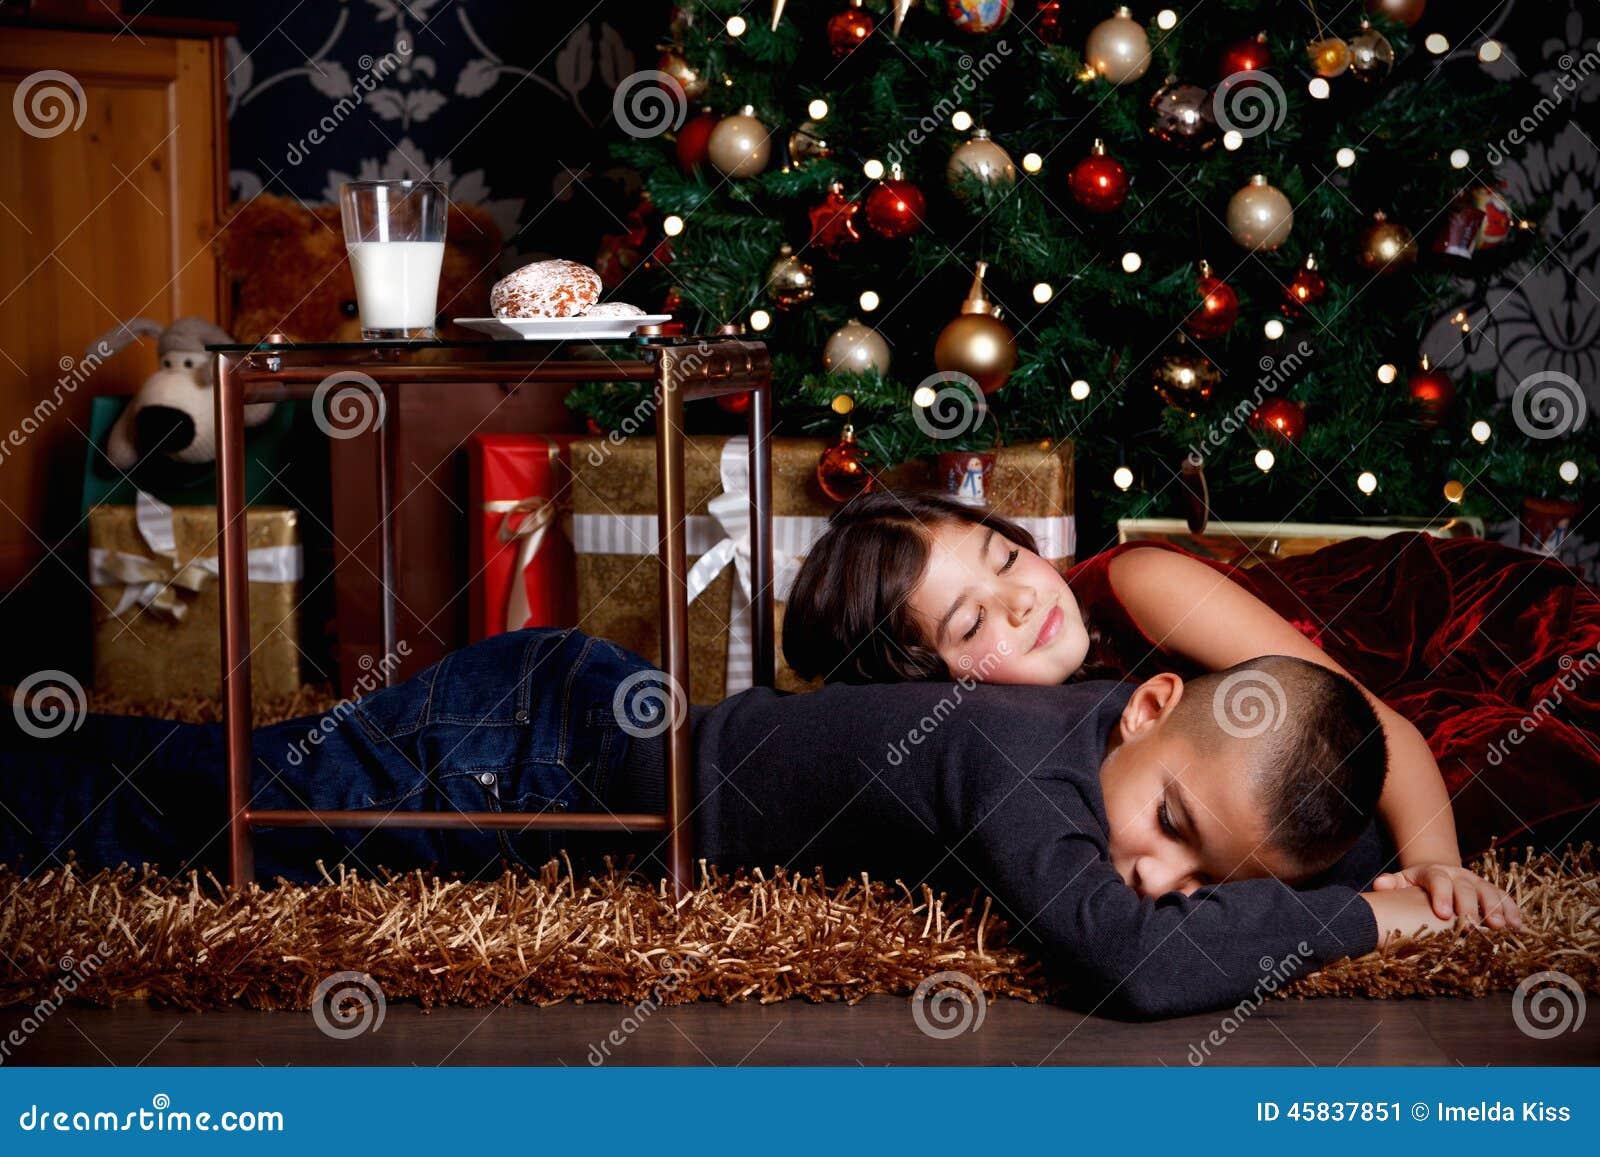 Nette Kinder, Die Auf Weihnachtsgeschenke Warten Stockbild - Bild ...